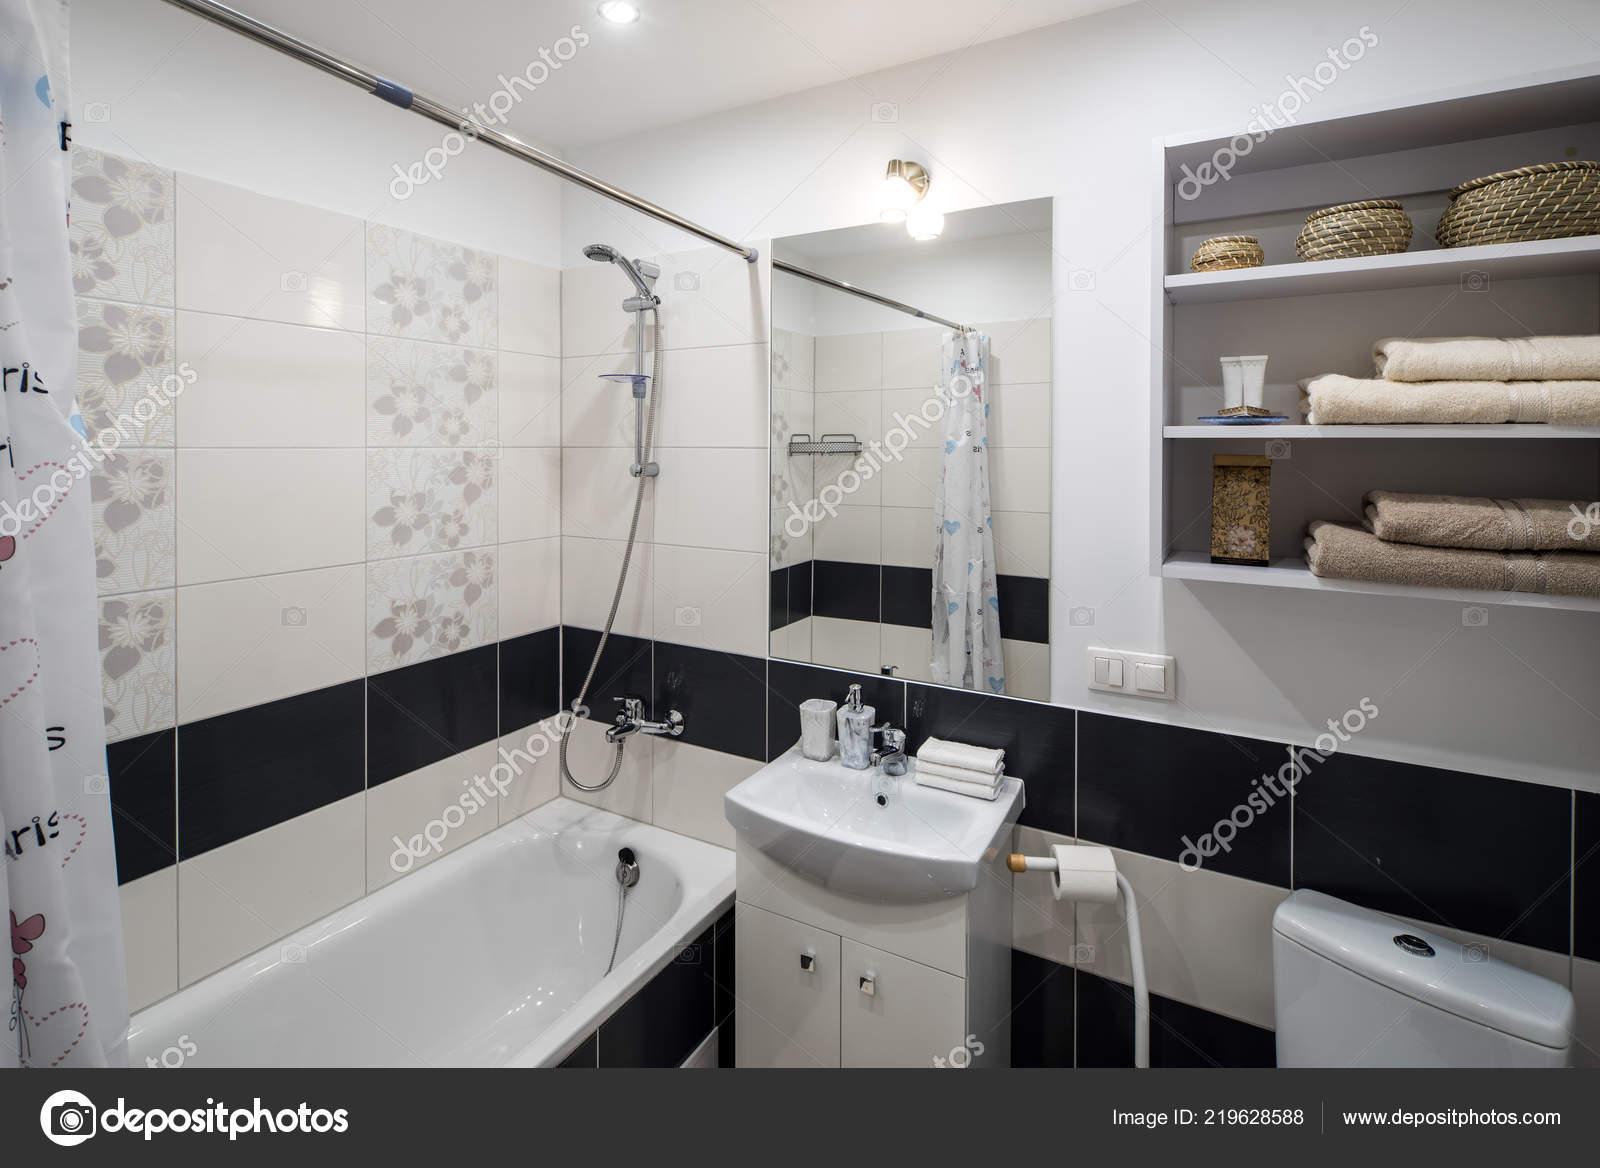 Bagno in moderni appartamenti eleganti u foto stock alekskend